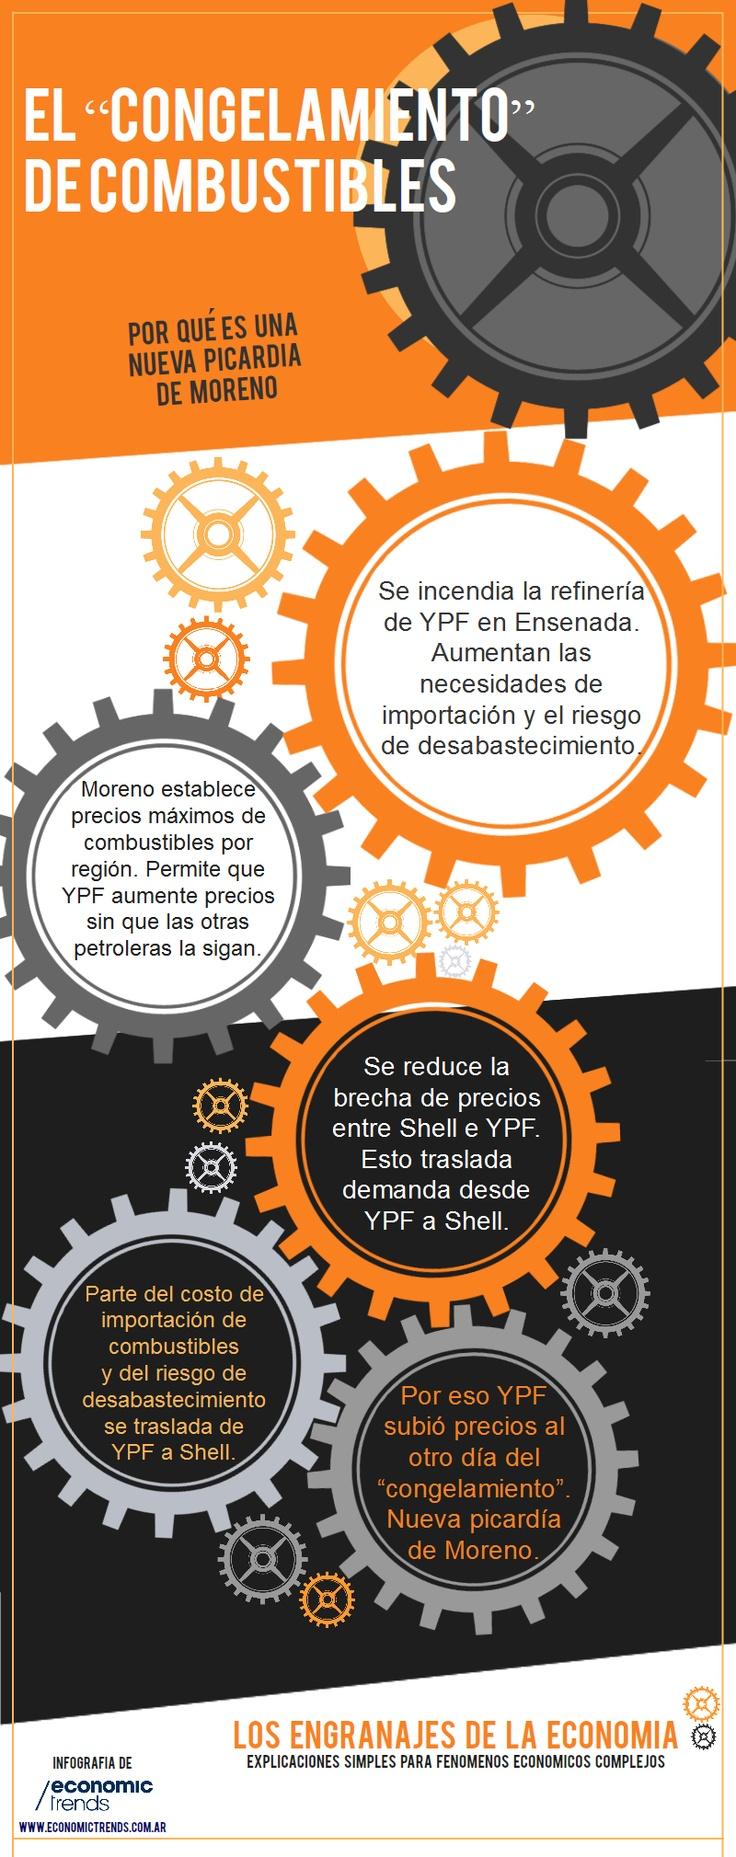 Los Engranajes de la Economía - El Congelamiento de Combustibles.Infografía de ww.economictrends.com.ar